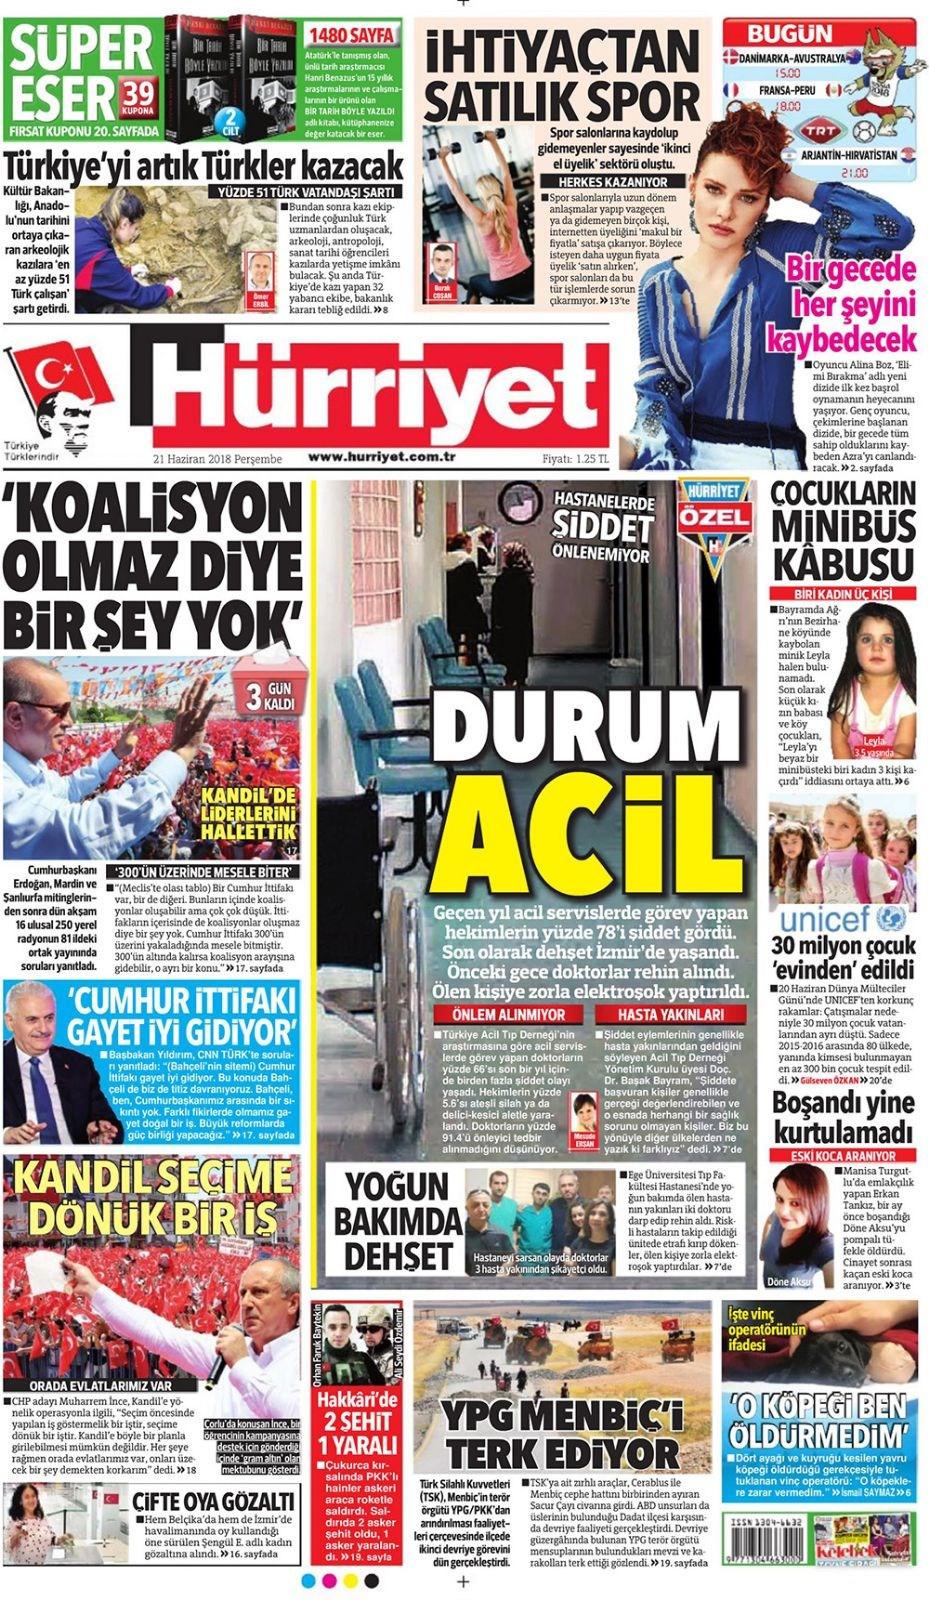 Günün gazete manşetleri (21 Haziran 2018)